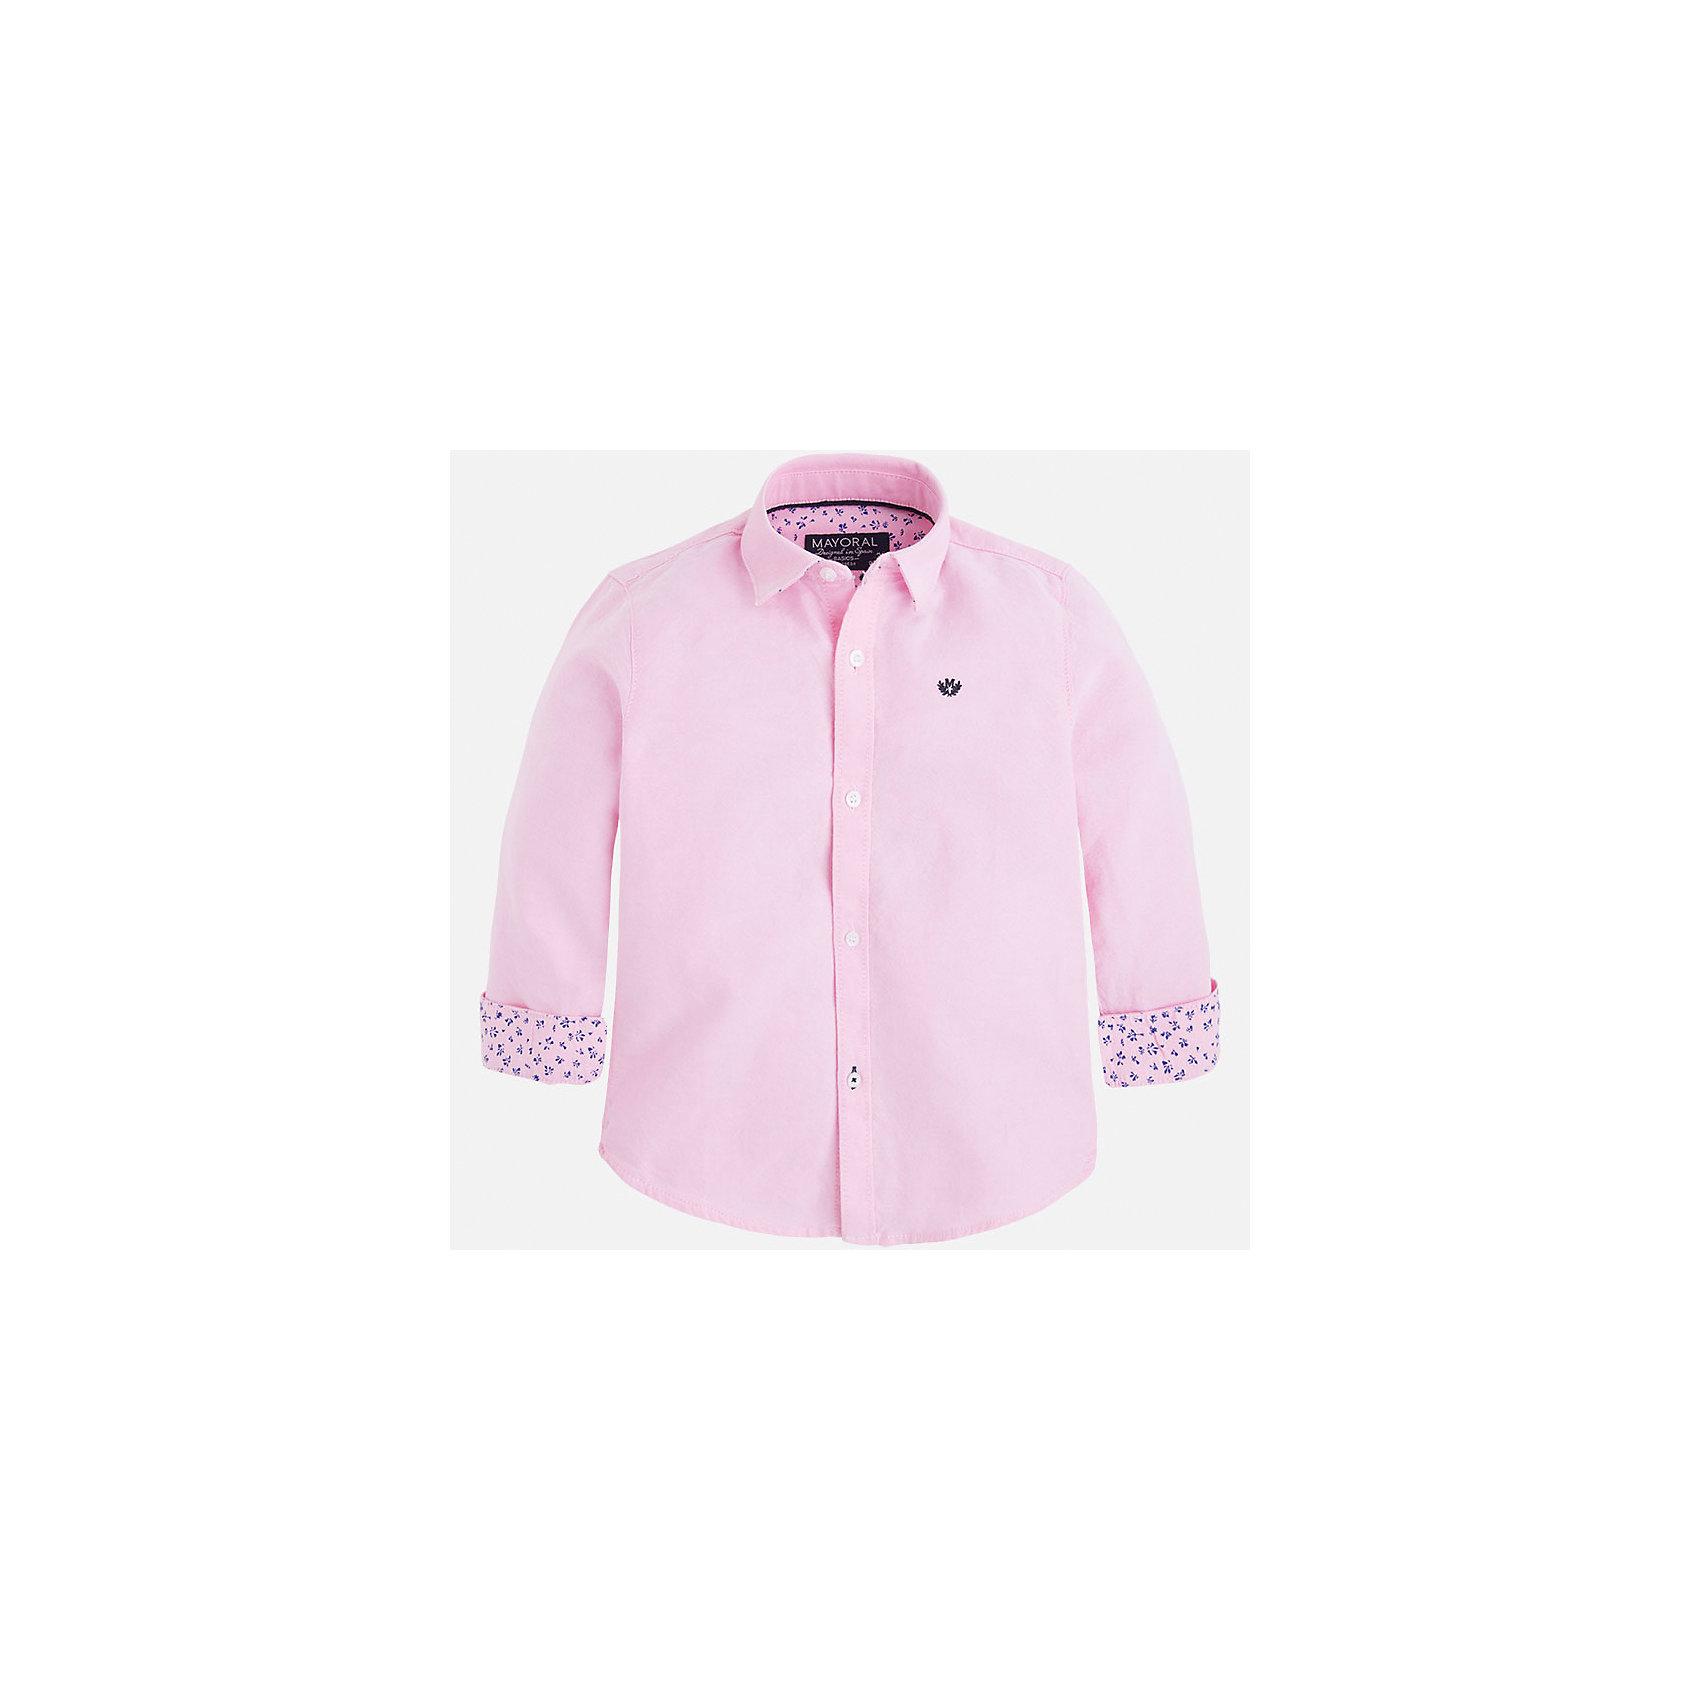 Рубашка для мальчика MayoralРубашка для мальчика от известного испанского бренда Mayoral. Рубашка изготовлена из 100% хлопка. Силуэт прямой, рукава слегка укорочены с помощью декоративной застежки-пуговицы.  На груди маленькая эмблема марки. Рубашка прекрасно подойдет для ответственного мероприятия.<br>Дополнительная информация:<br>-тип застежки: пуговицы<br>-цвет: розовый<br>-состав: 100% хлопок<br>Рубашку Mayoral вы можете приобрести в нашем интернет-магазине.<br><br>Ширина мм: 174<br>Глубина мм: 10<br>Высота мм: 169<br>Вес г: 157<br>Цвет: розовый<br>Возраст от месяцев: 48<br>Возраст до месяцев: 60<br>Пол: Мужской<br>Возраст: Детский<br>Размер: 110,104,128,122,98,134,116<br>SKU: 4820361